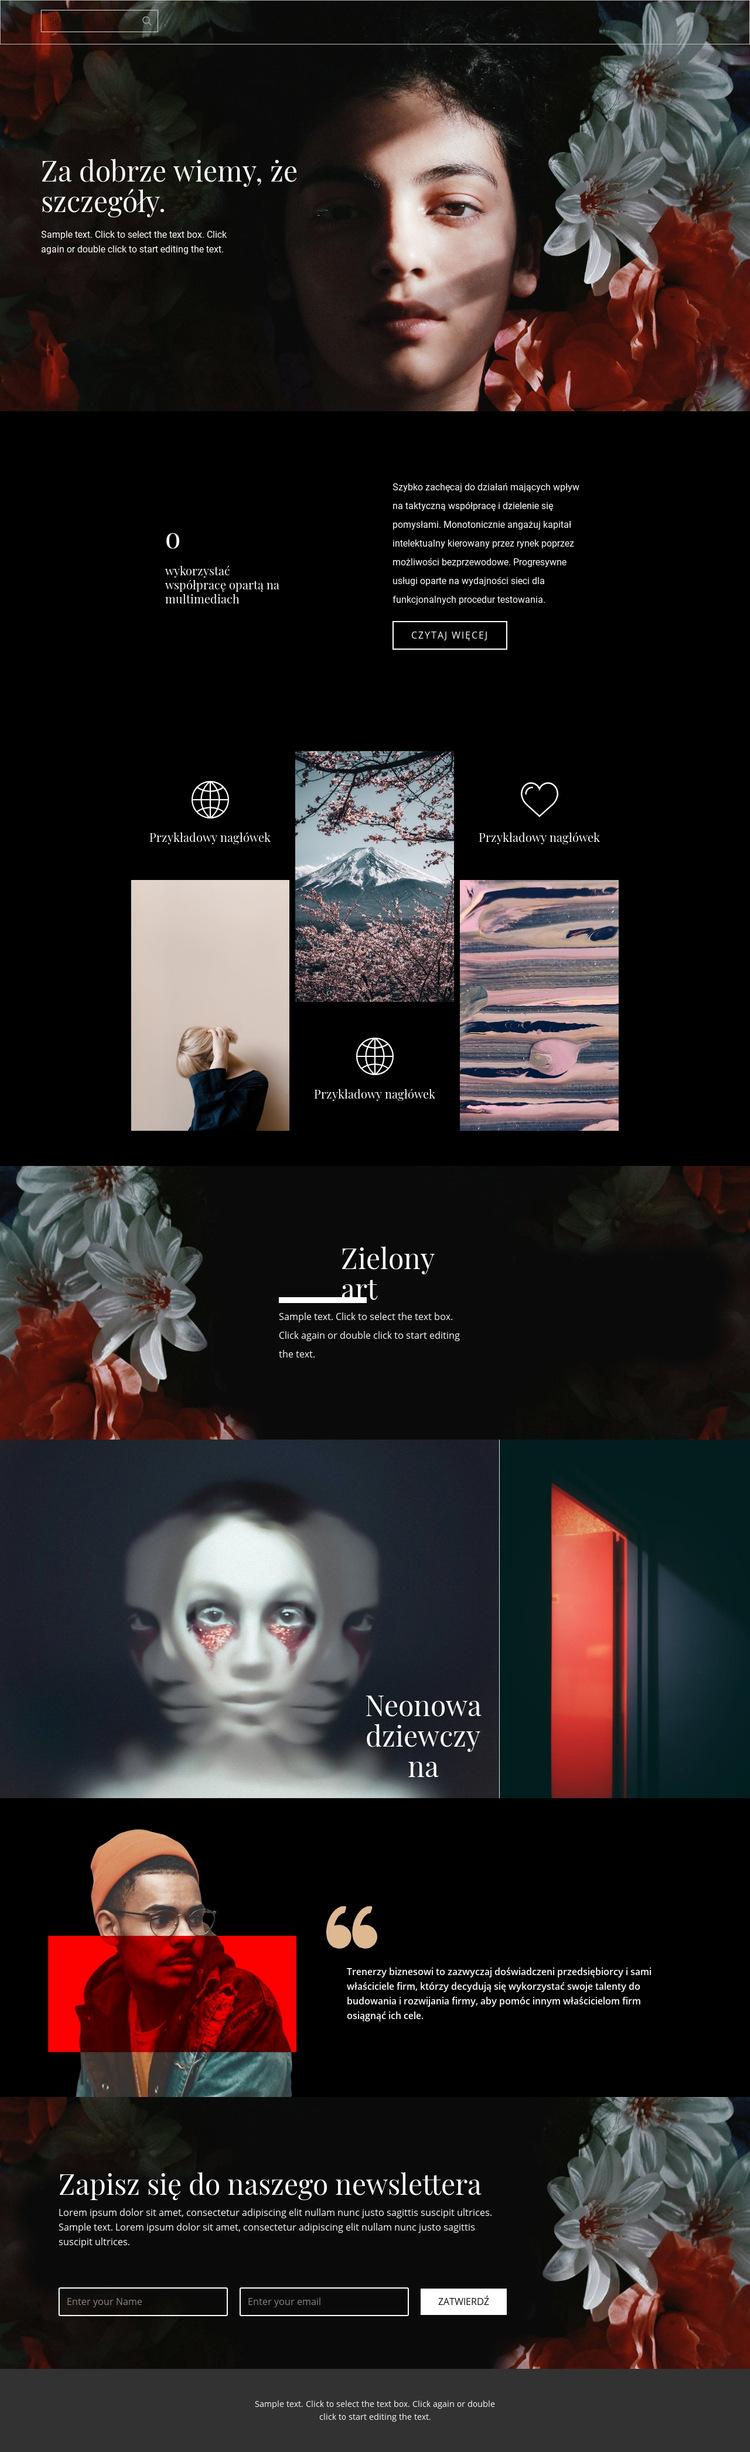 Ważne szczegóły piękna Szablon witryny sieci Web